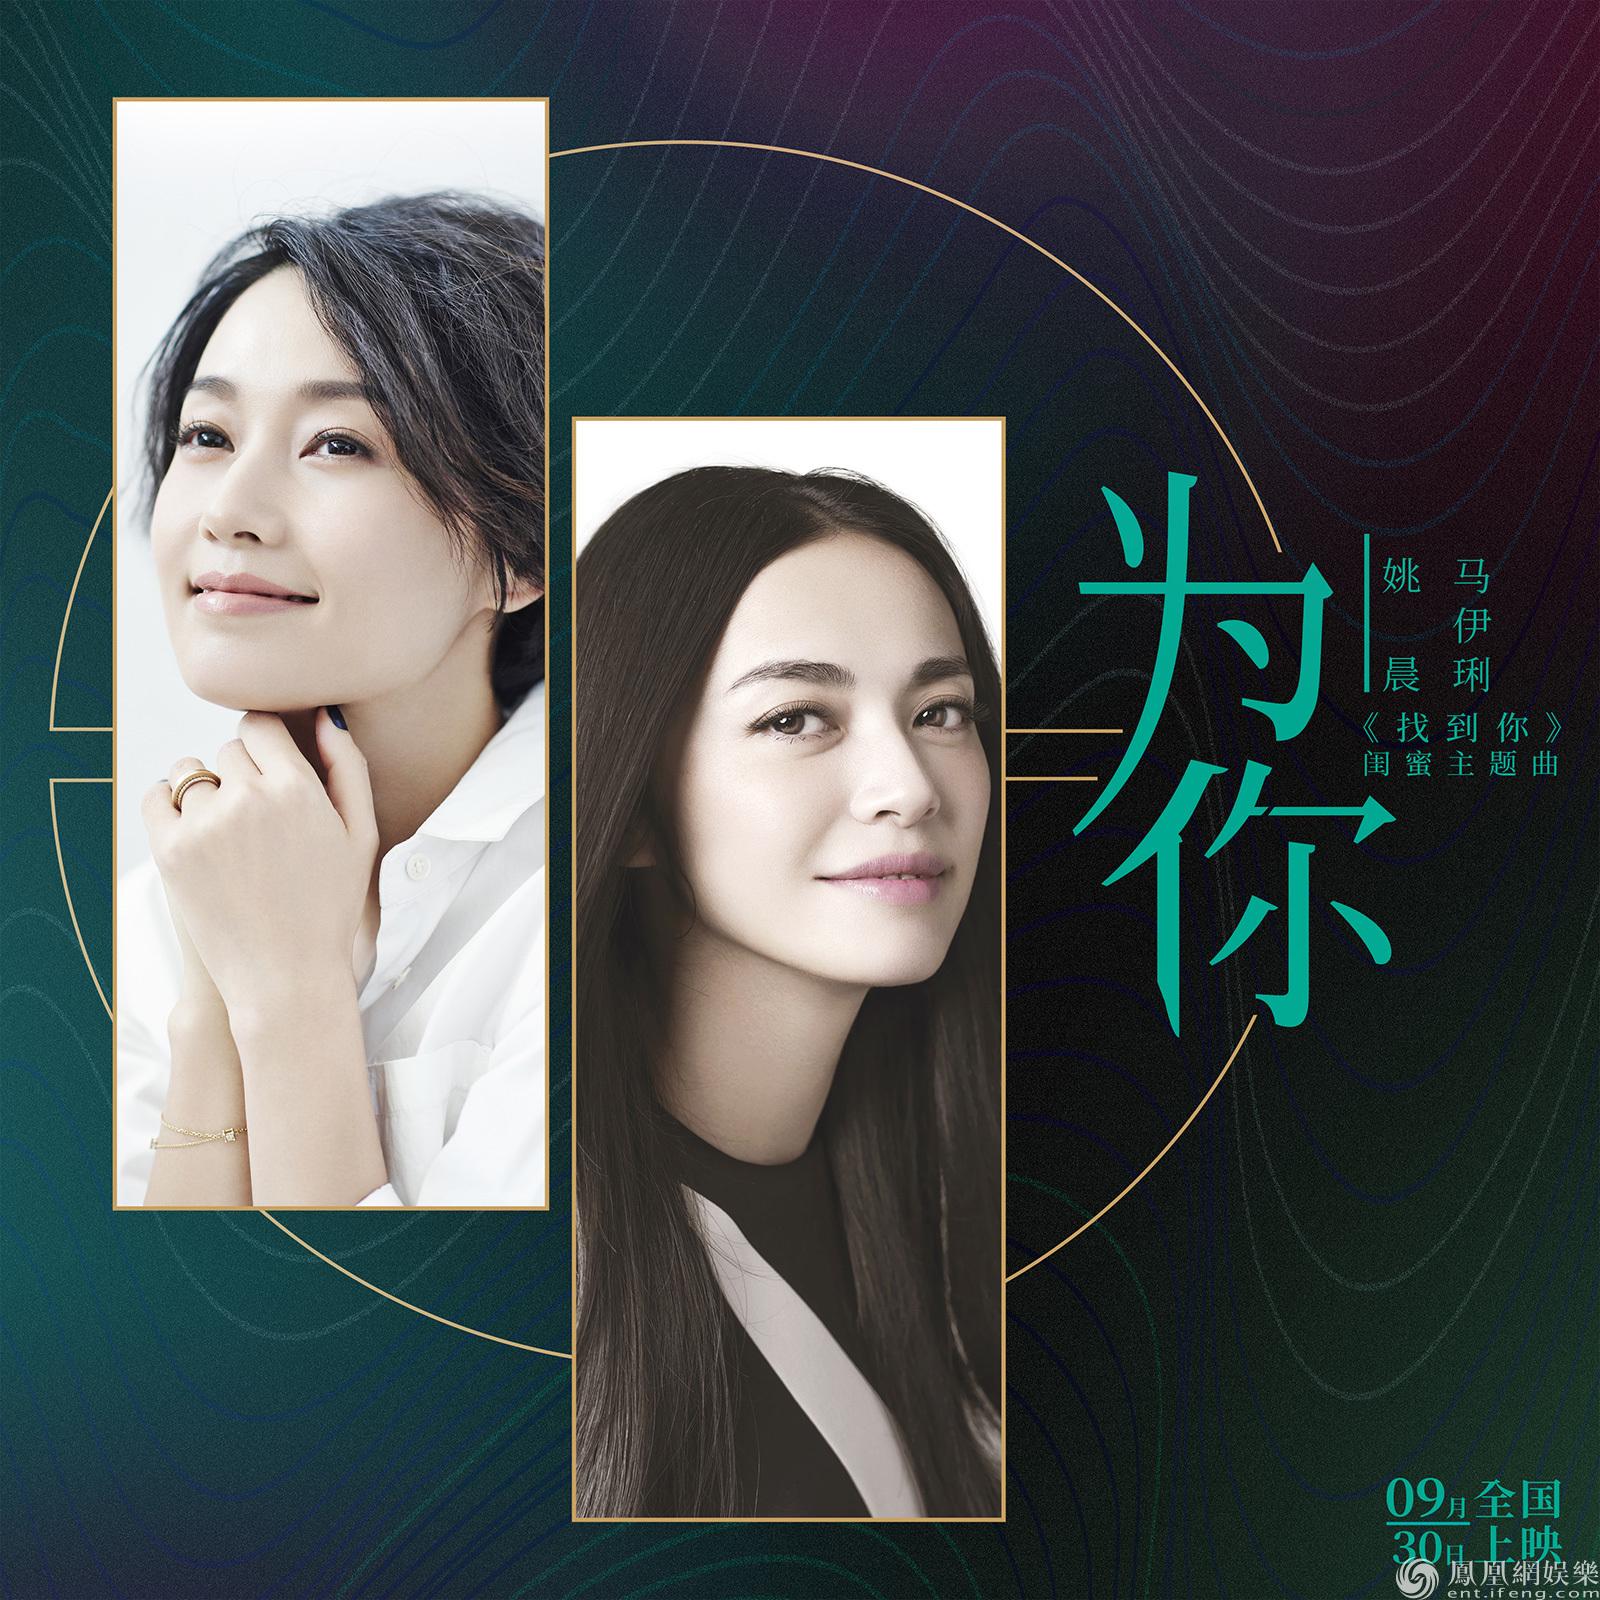 《找到你》曝主題曲MV 姚晨馬伊琍戲戲外首次合唱